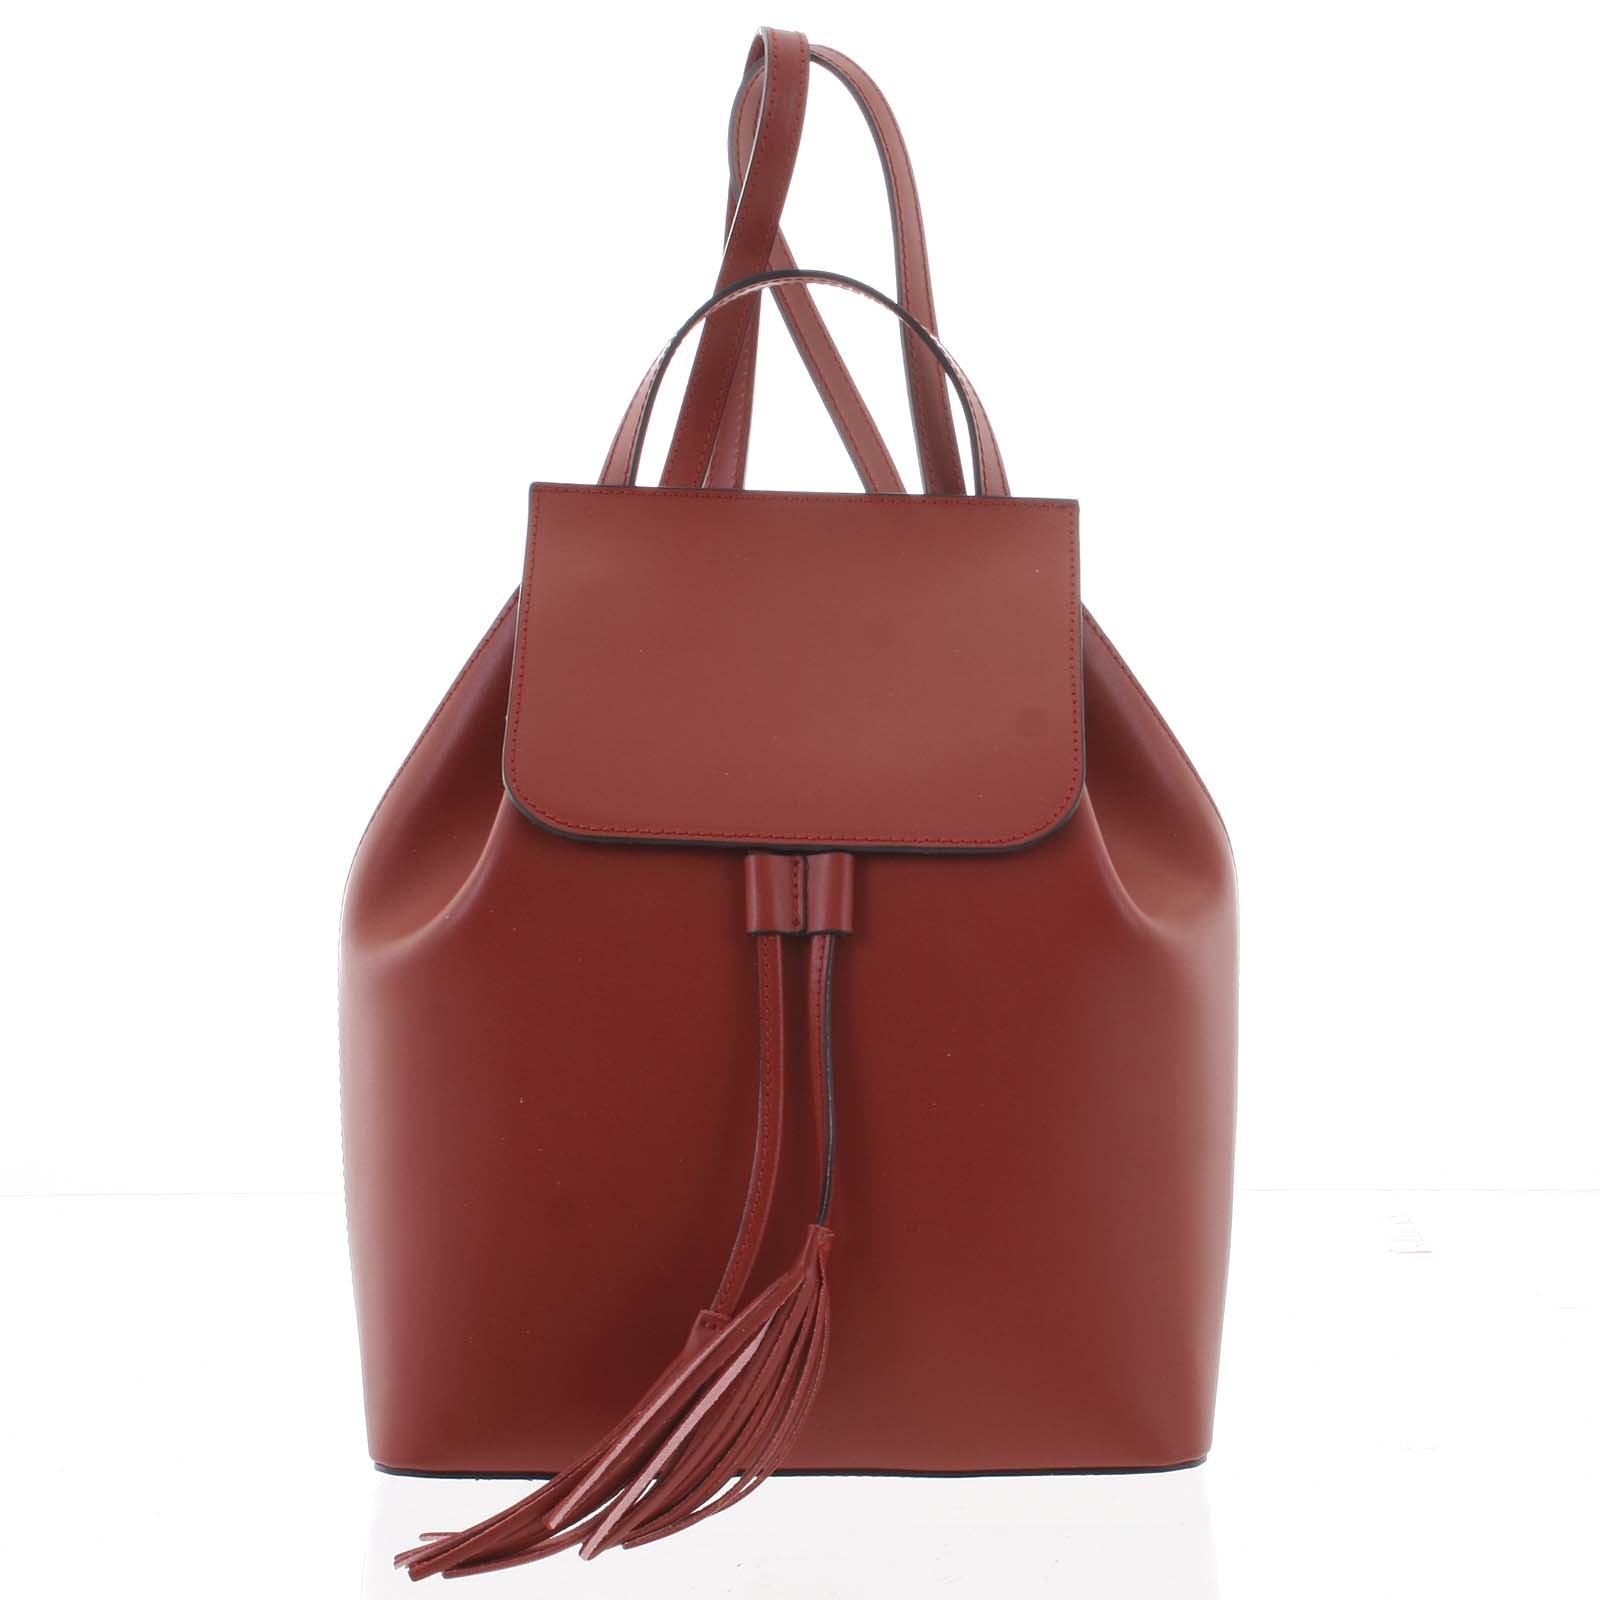 Luxusní dámský batoh tmavě červený kožený - ItalY Adelpha